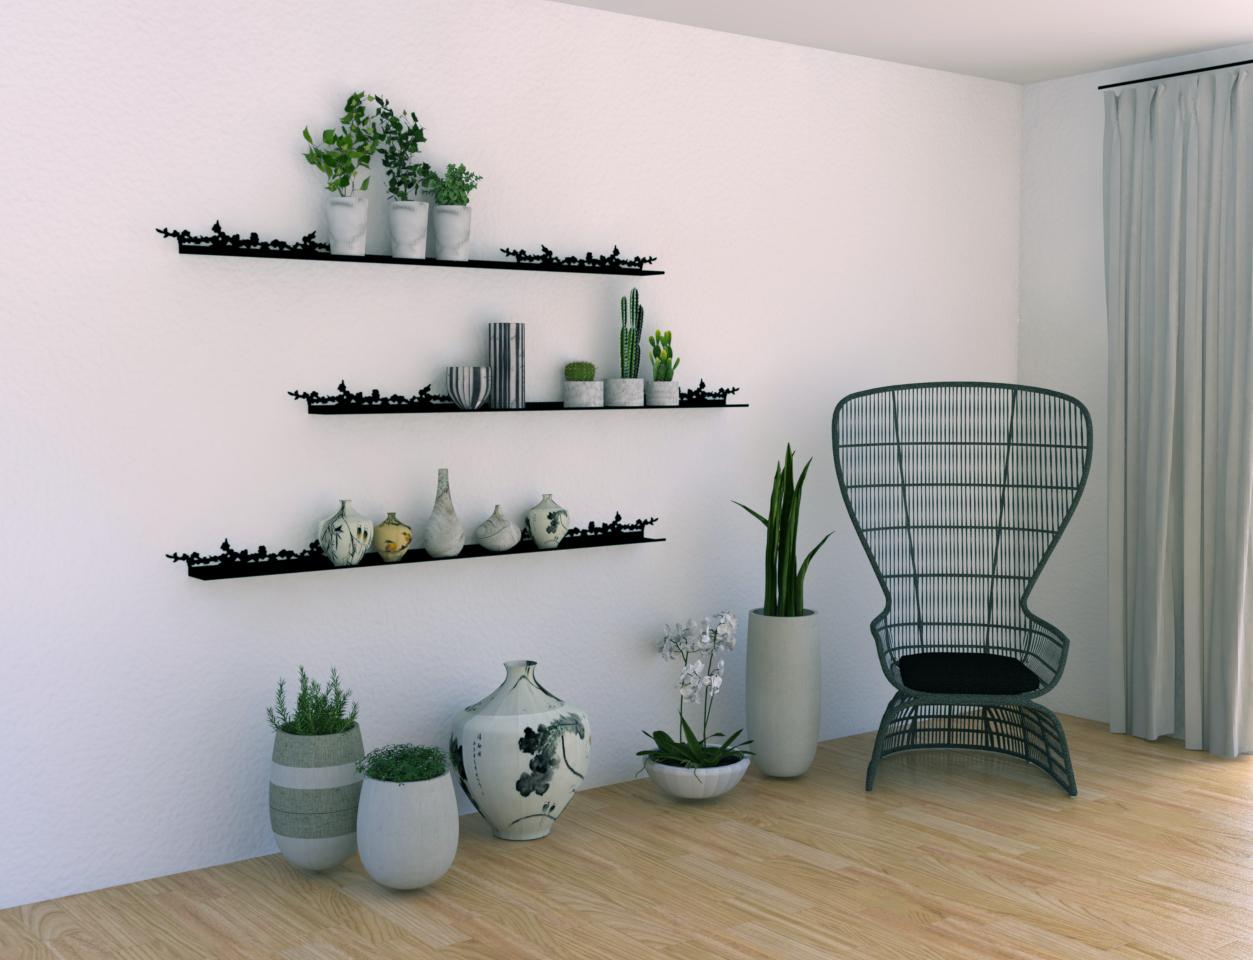 étagère murale design au motif de branches de cerisier pour exposer une collection de petites plantes et de céramiques